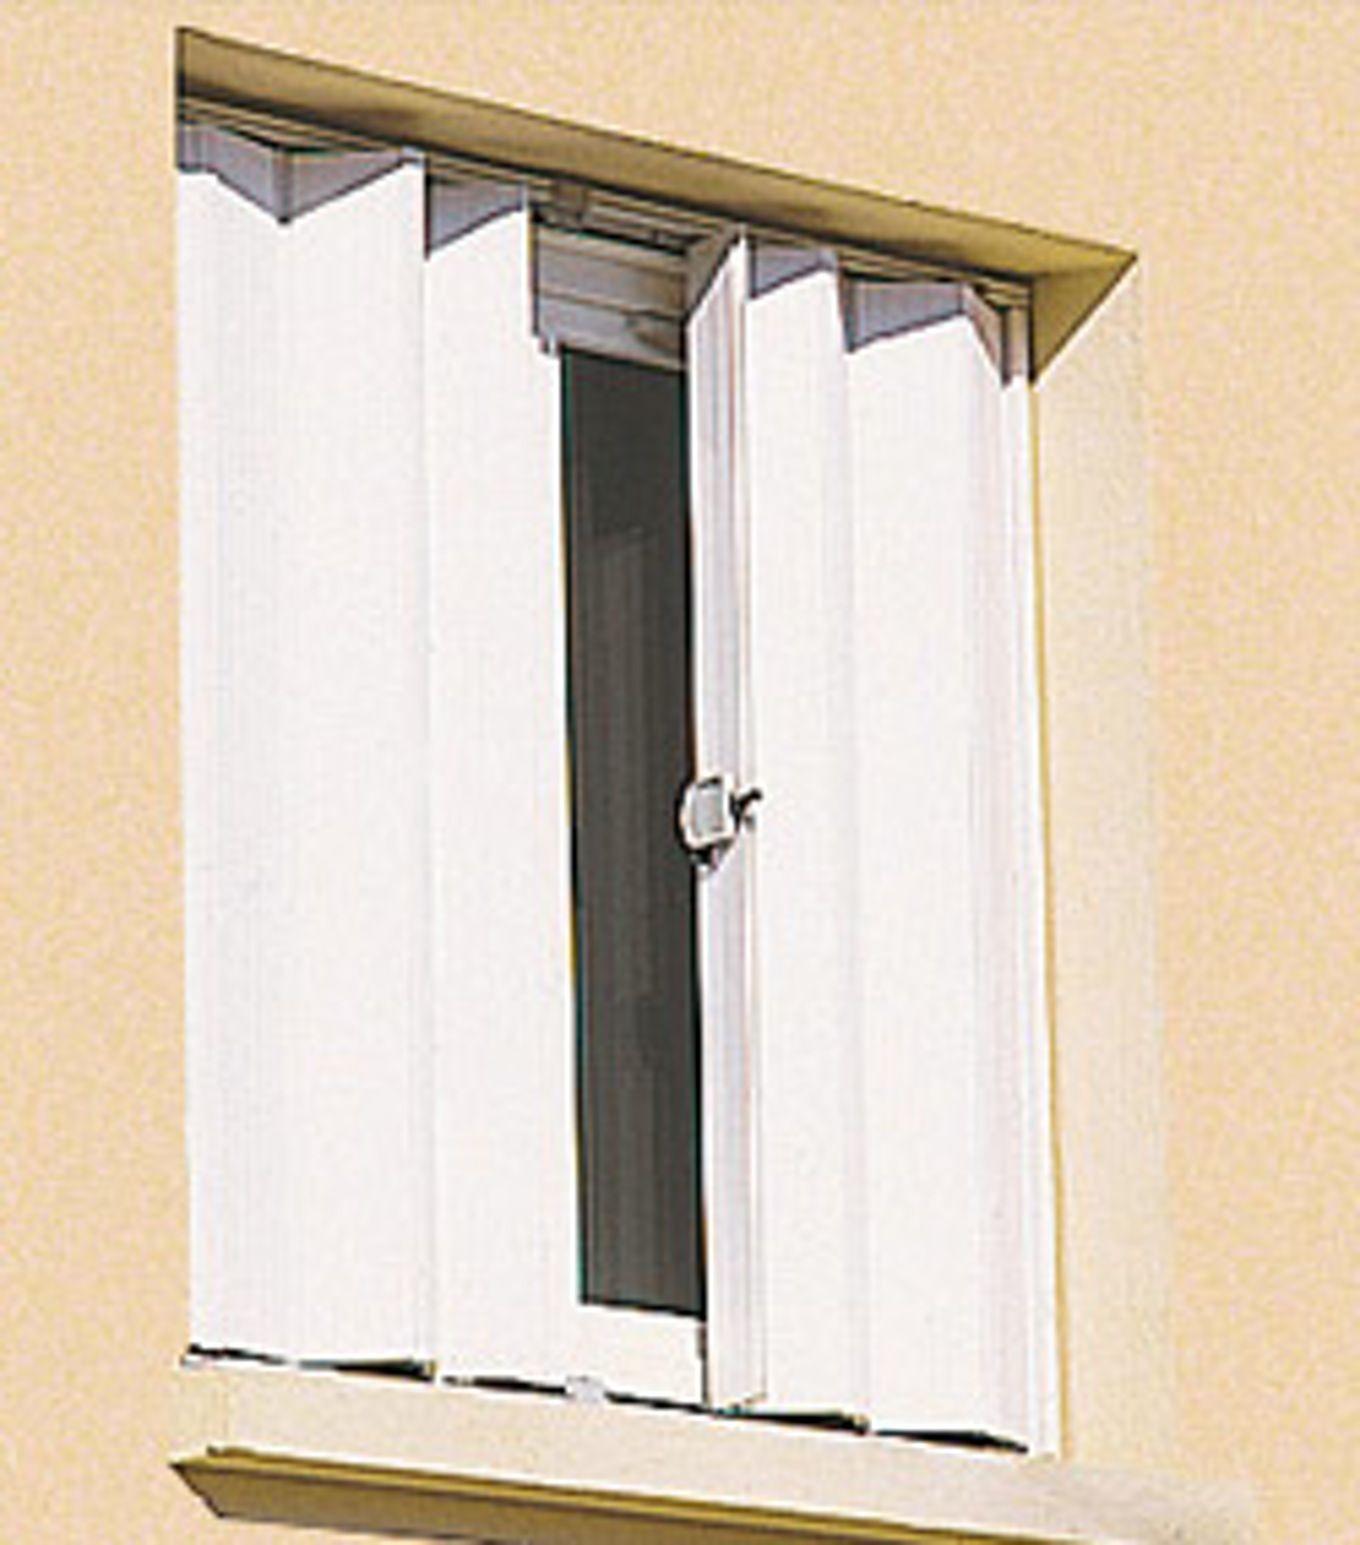 Porte coulissante persienne coulissante porte placard for Portes coulissantes placard sur mesure castorama